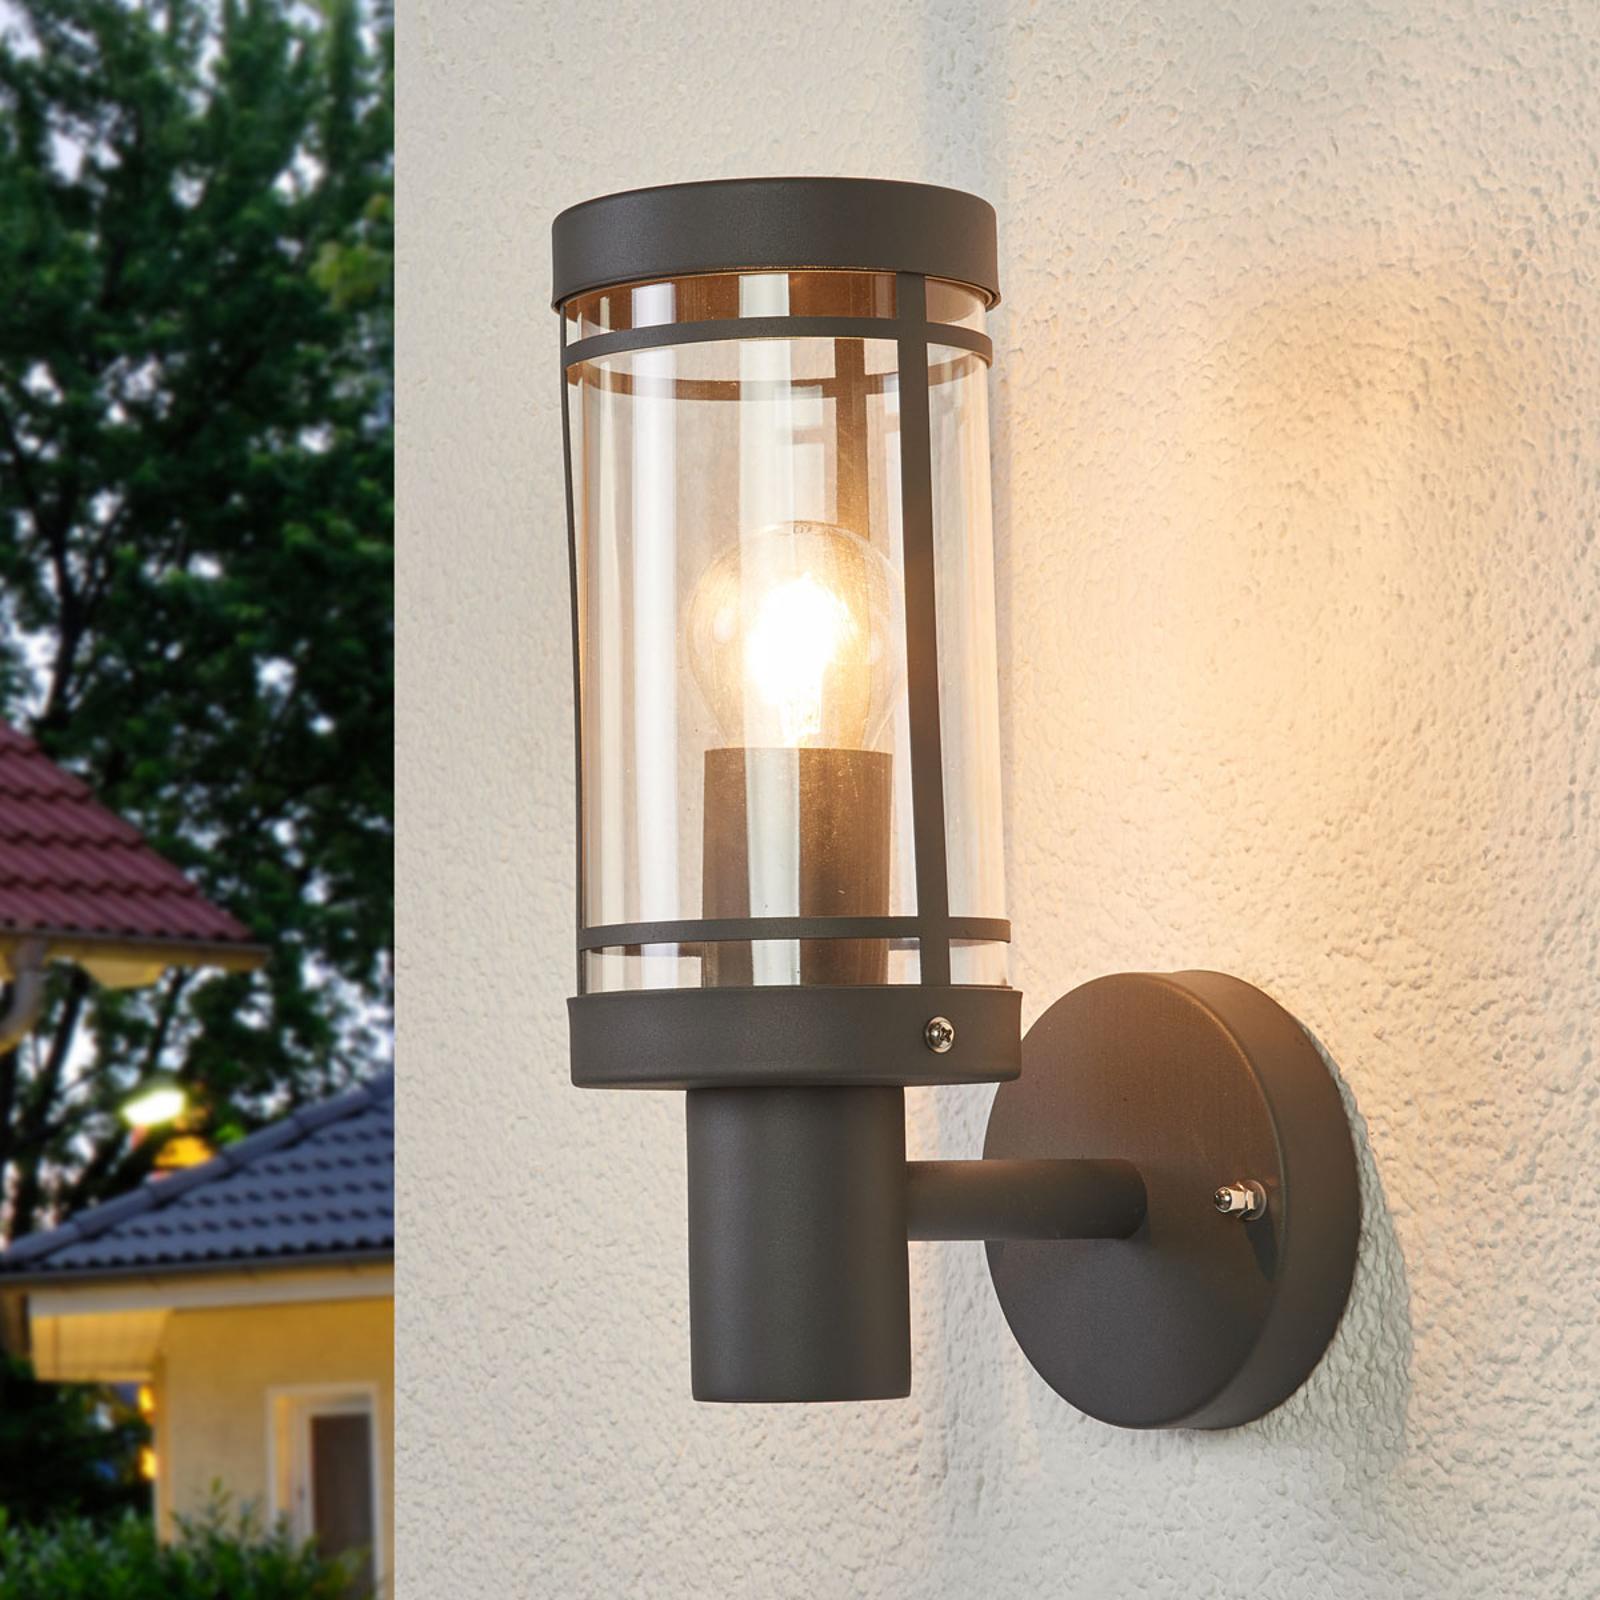 Aantrekkelijke buitenwandlamp Djori in donkergrijs